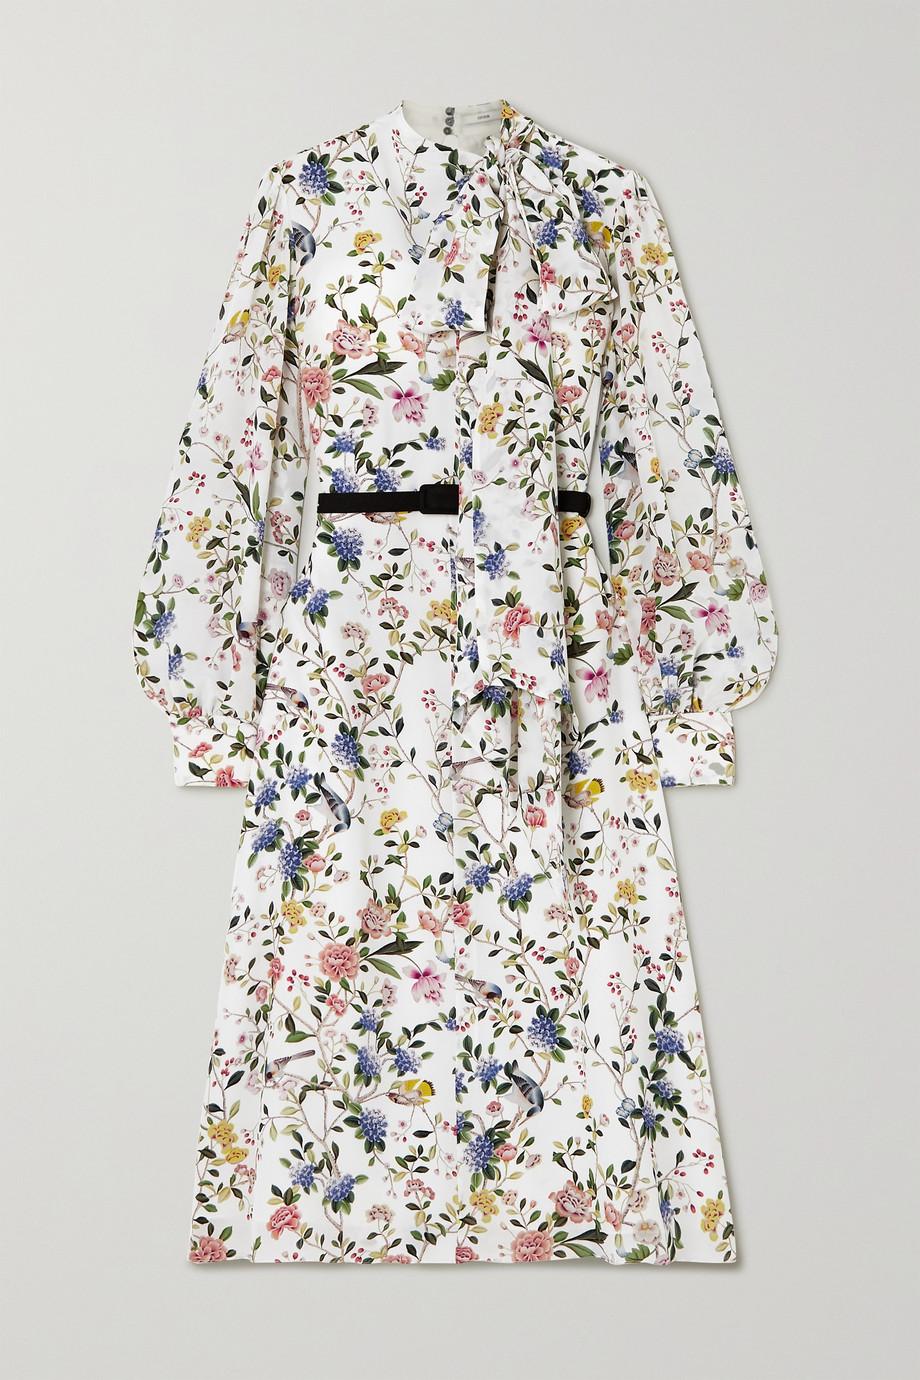 Erdem Marceline Midikleid aus Crêpe de Chine aus Seide mit Blumenprint, Schluppe und Gürtel